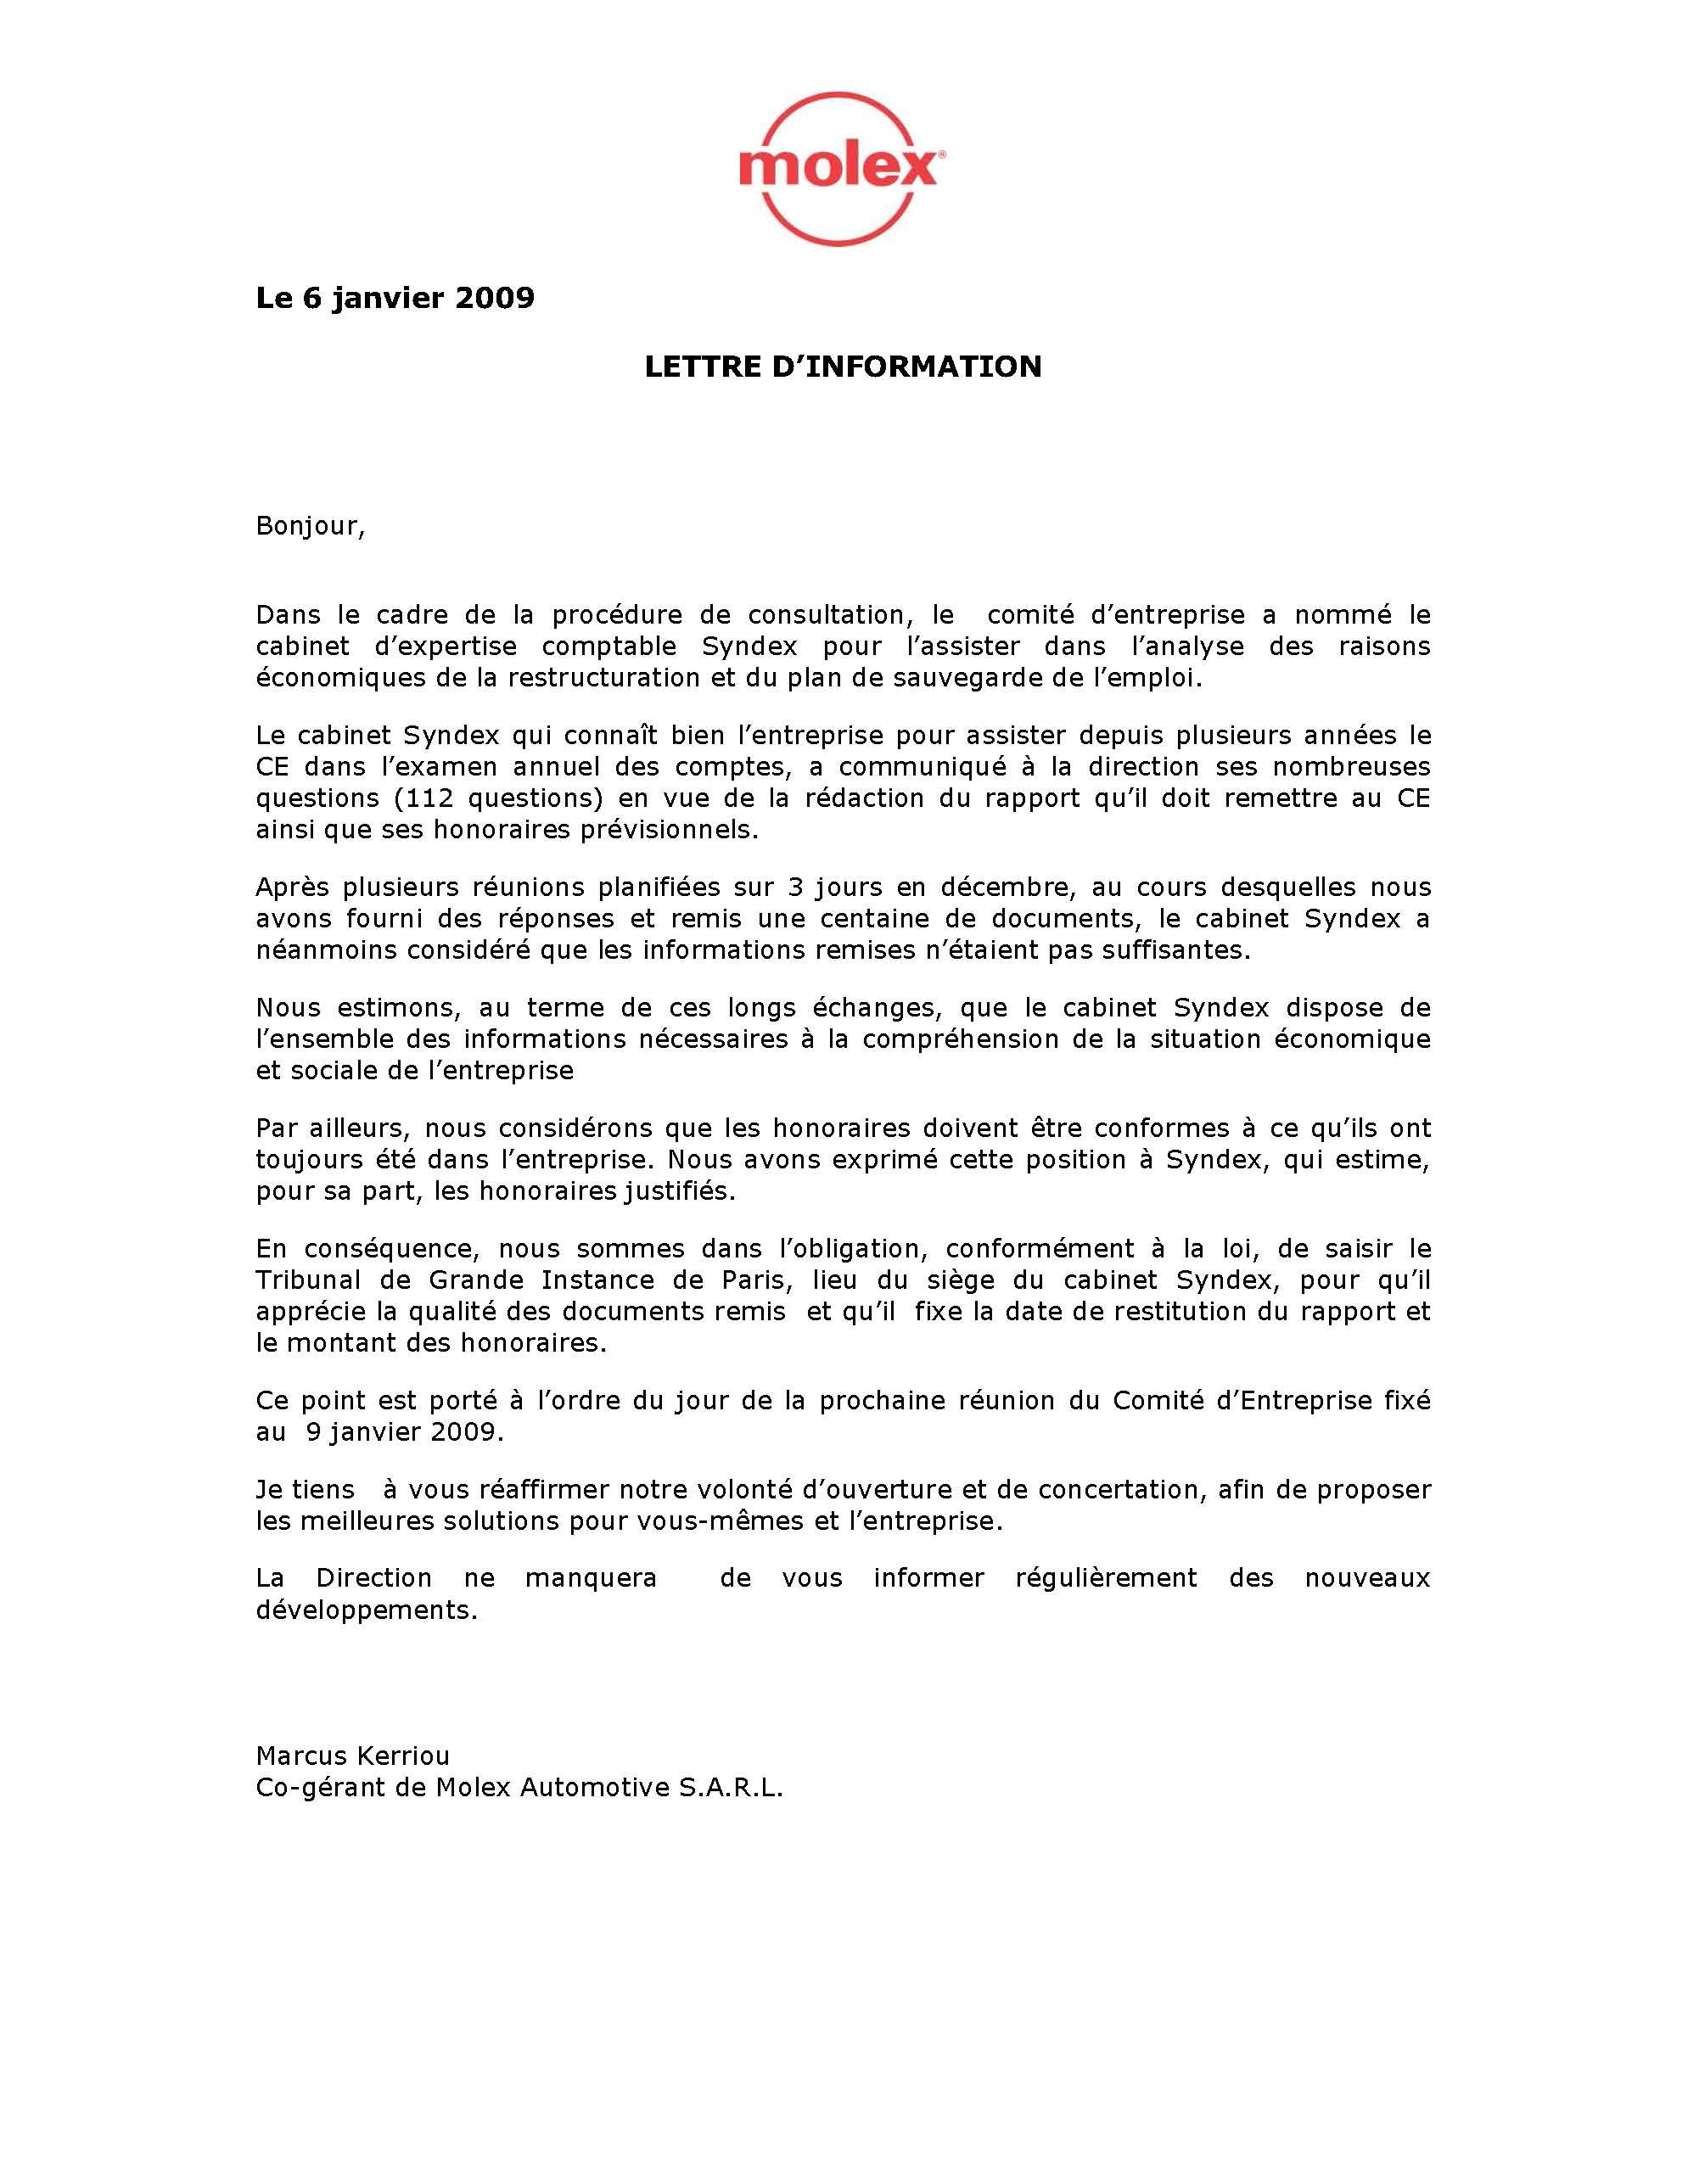 lettreinformation060109.jpg